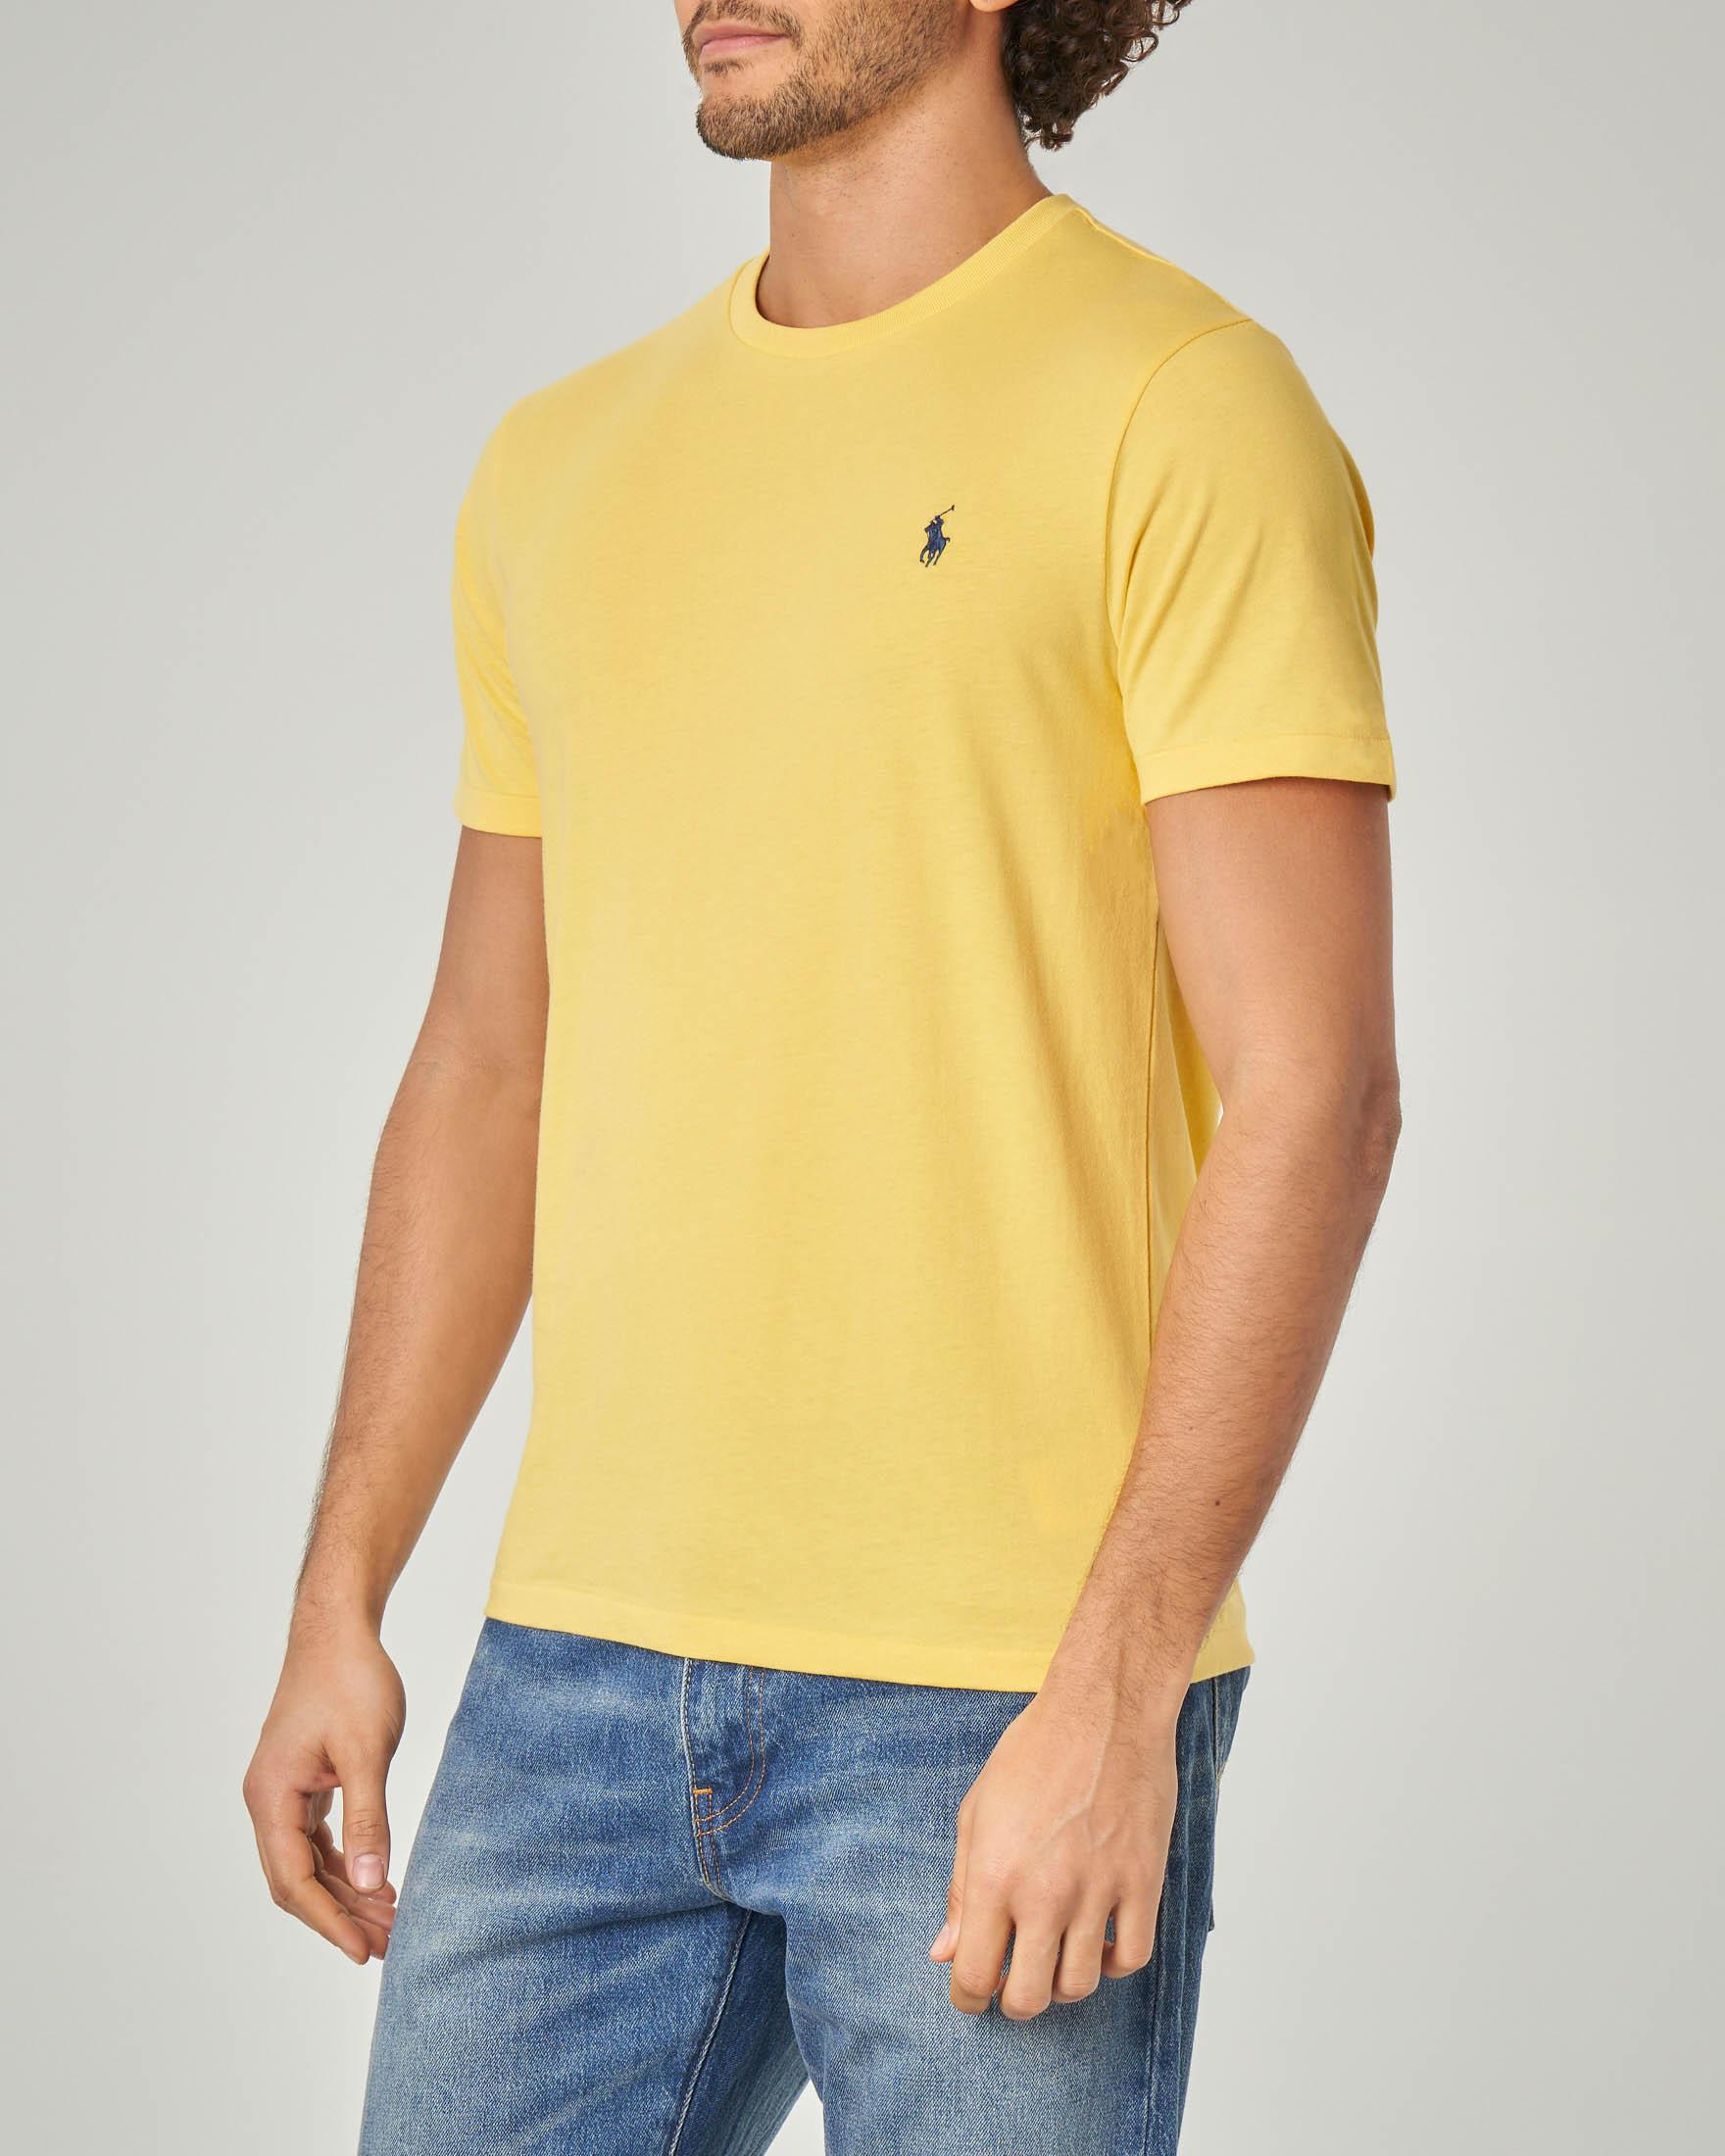 T-shirt gialla con logo blu